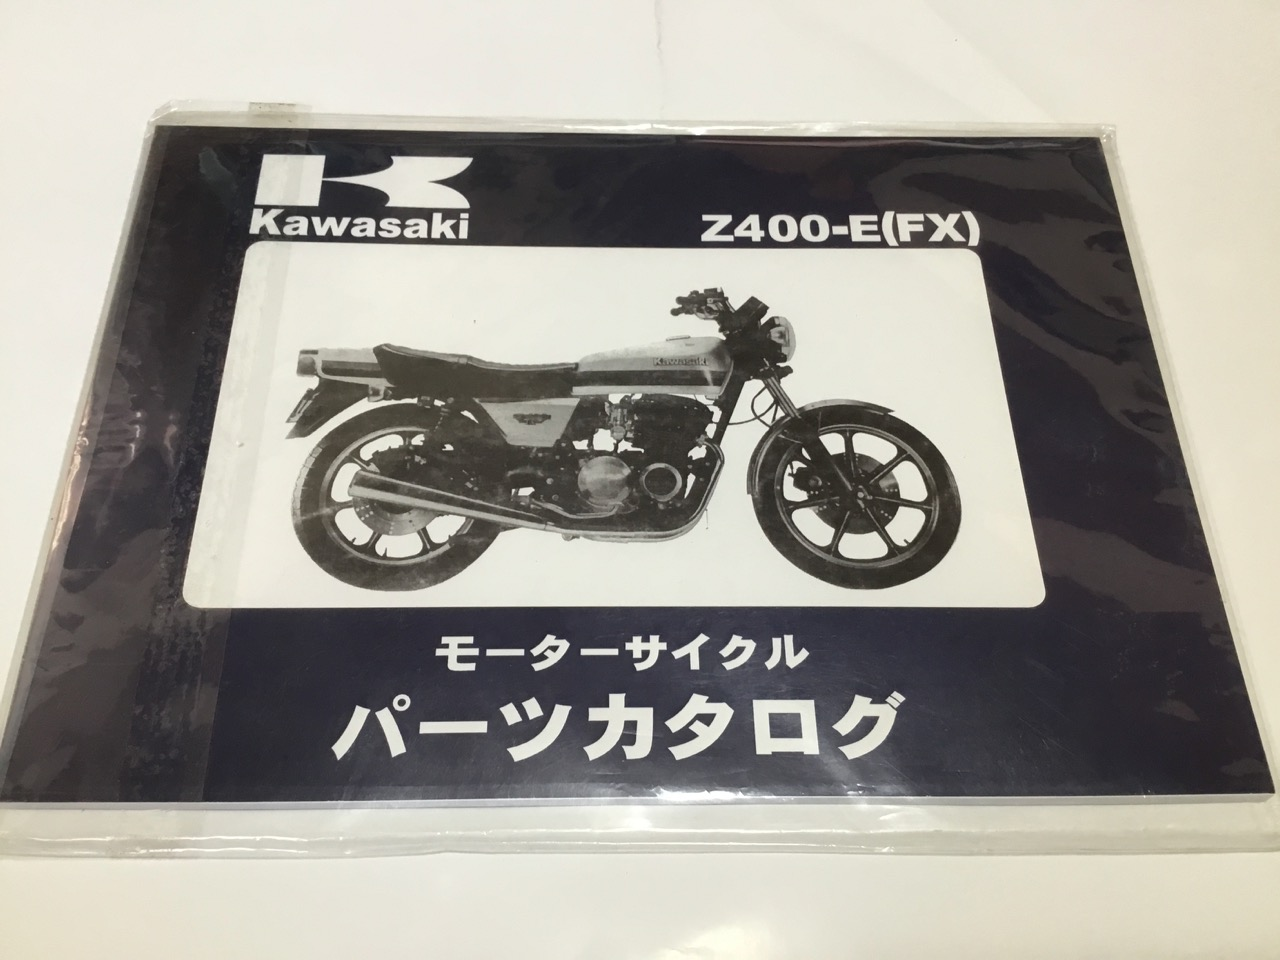 Kawasaki Z400-E(FX)パーツカタログ